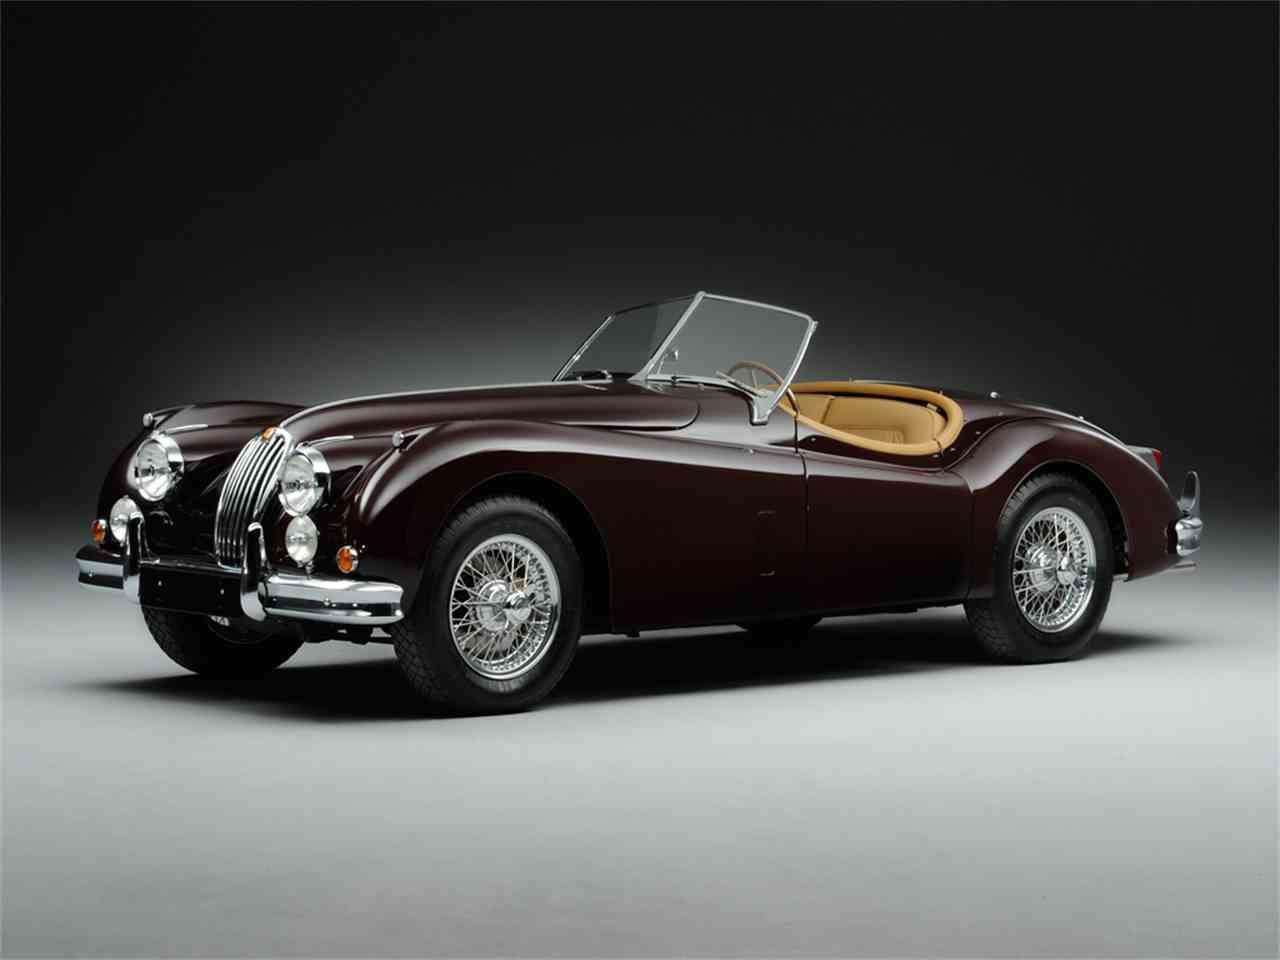 Buying A Vintage 1955 Jaguar XK140 Roadster | Beverly ...  |1955 Jaguar Roadster